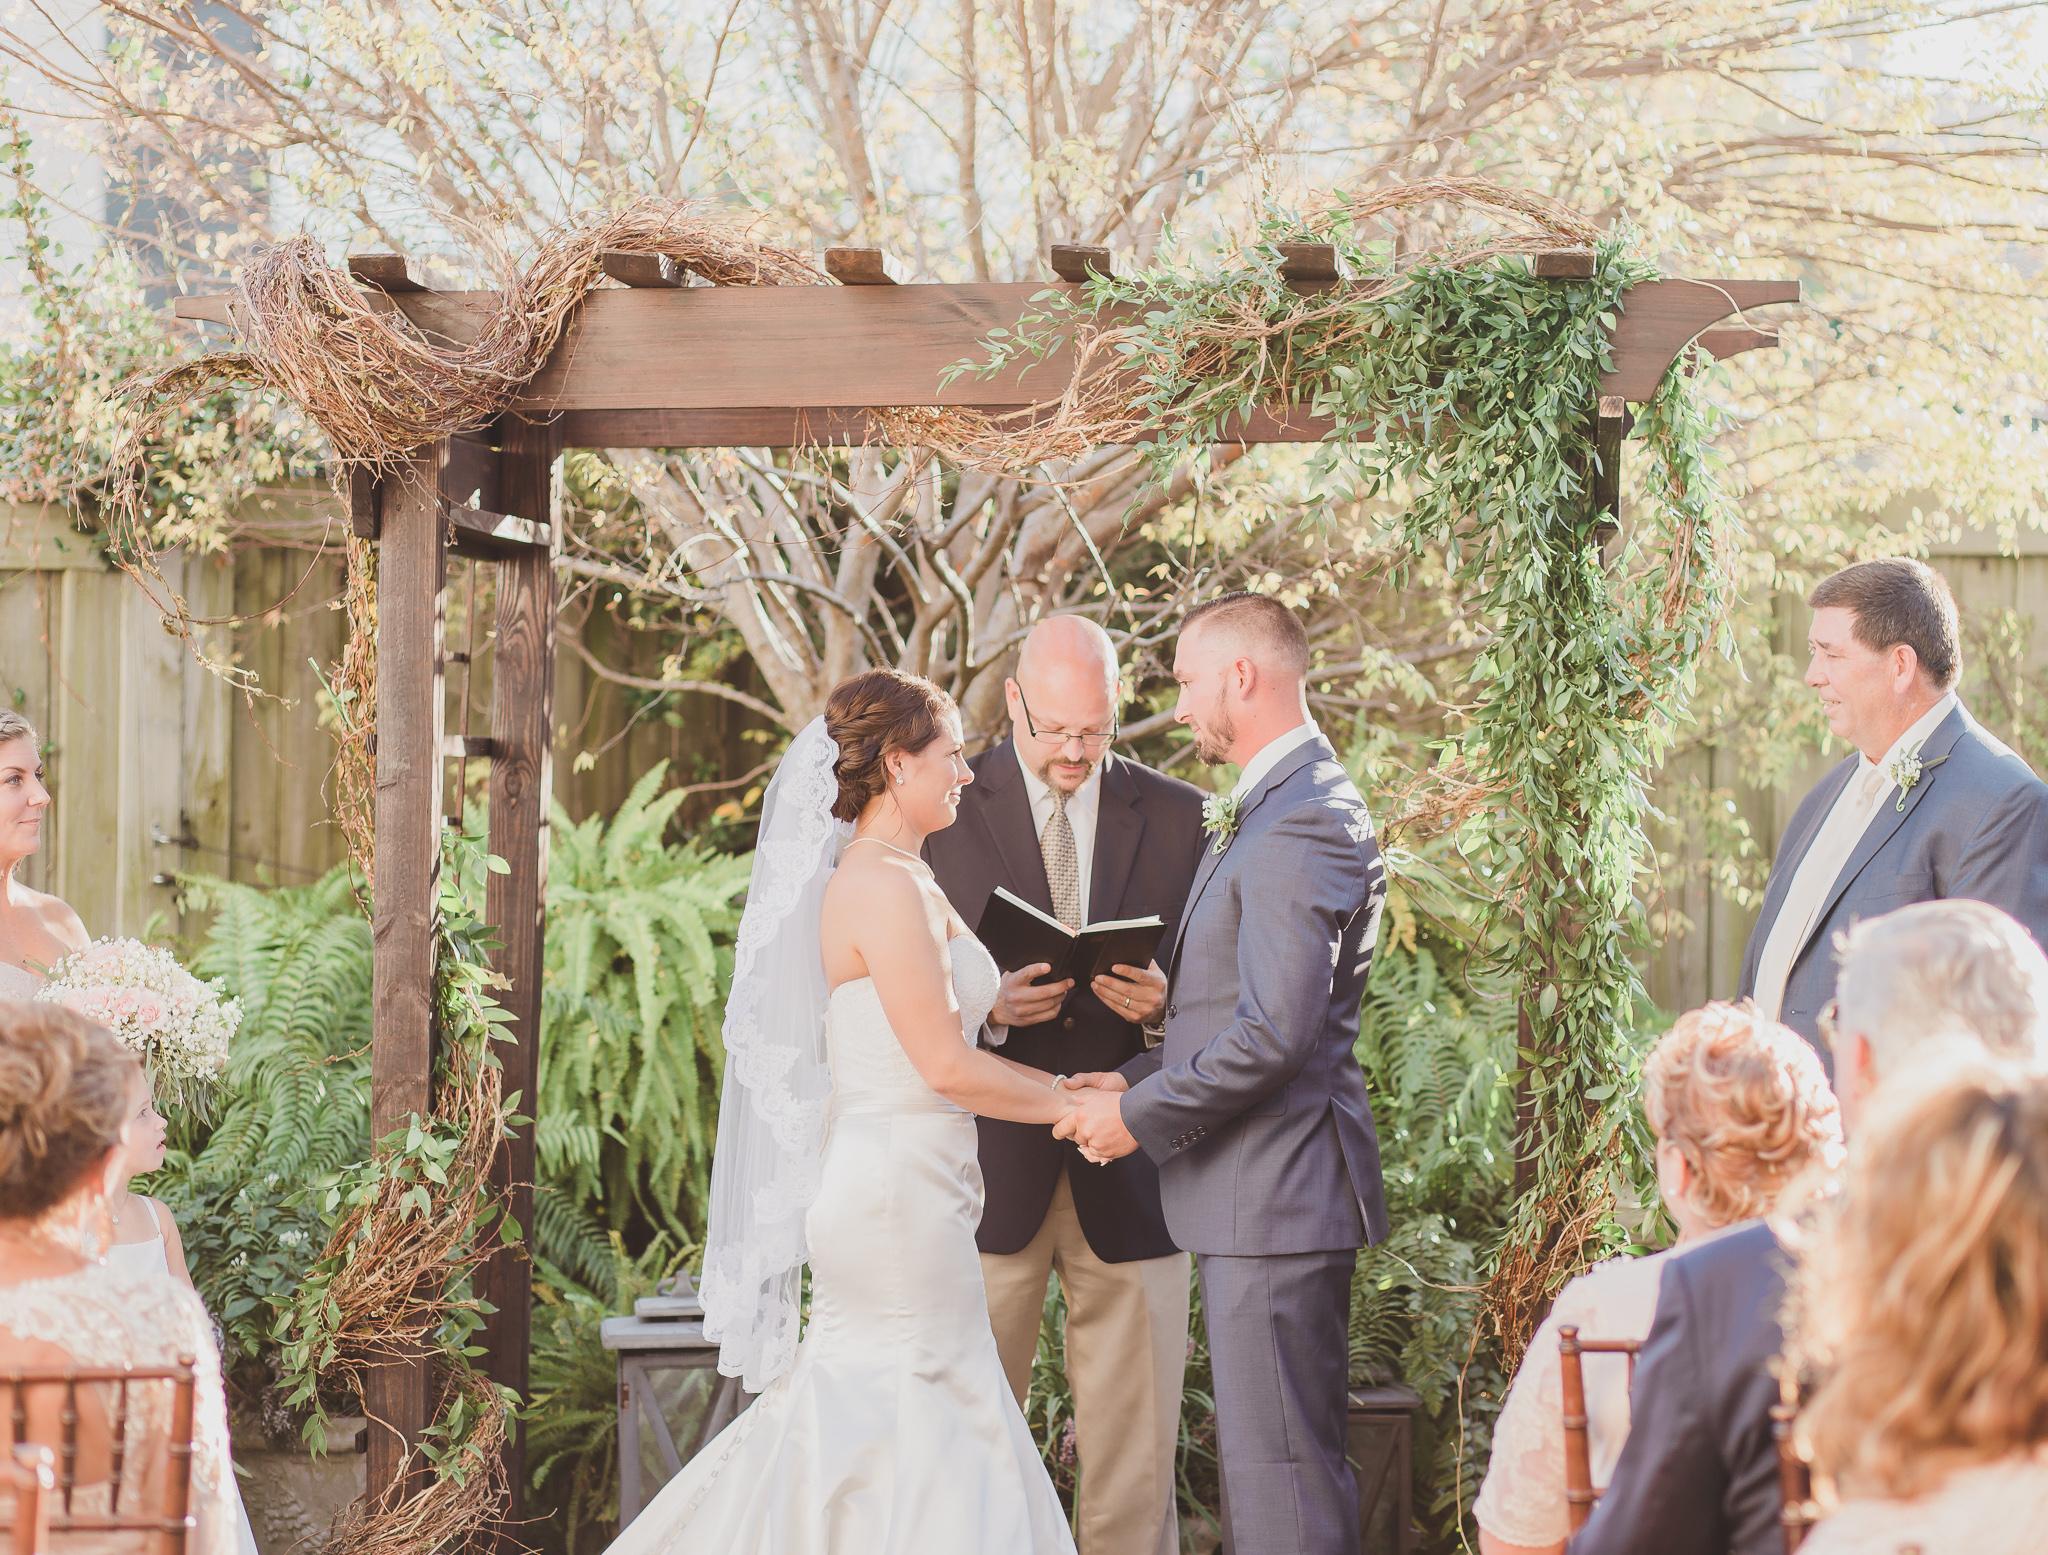 bride and groom under wooden arch in rustic 5eleven wedding venue in pensacola